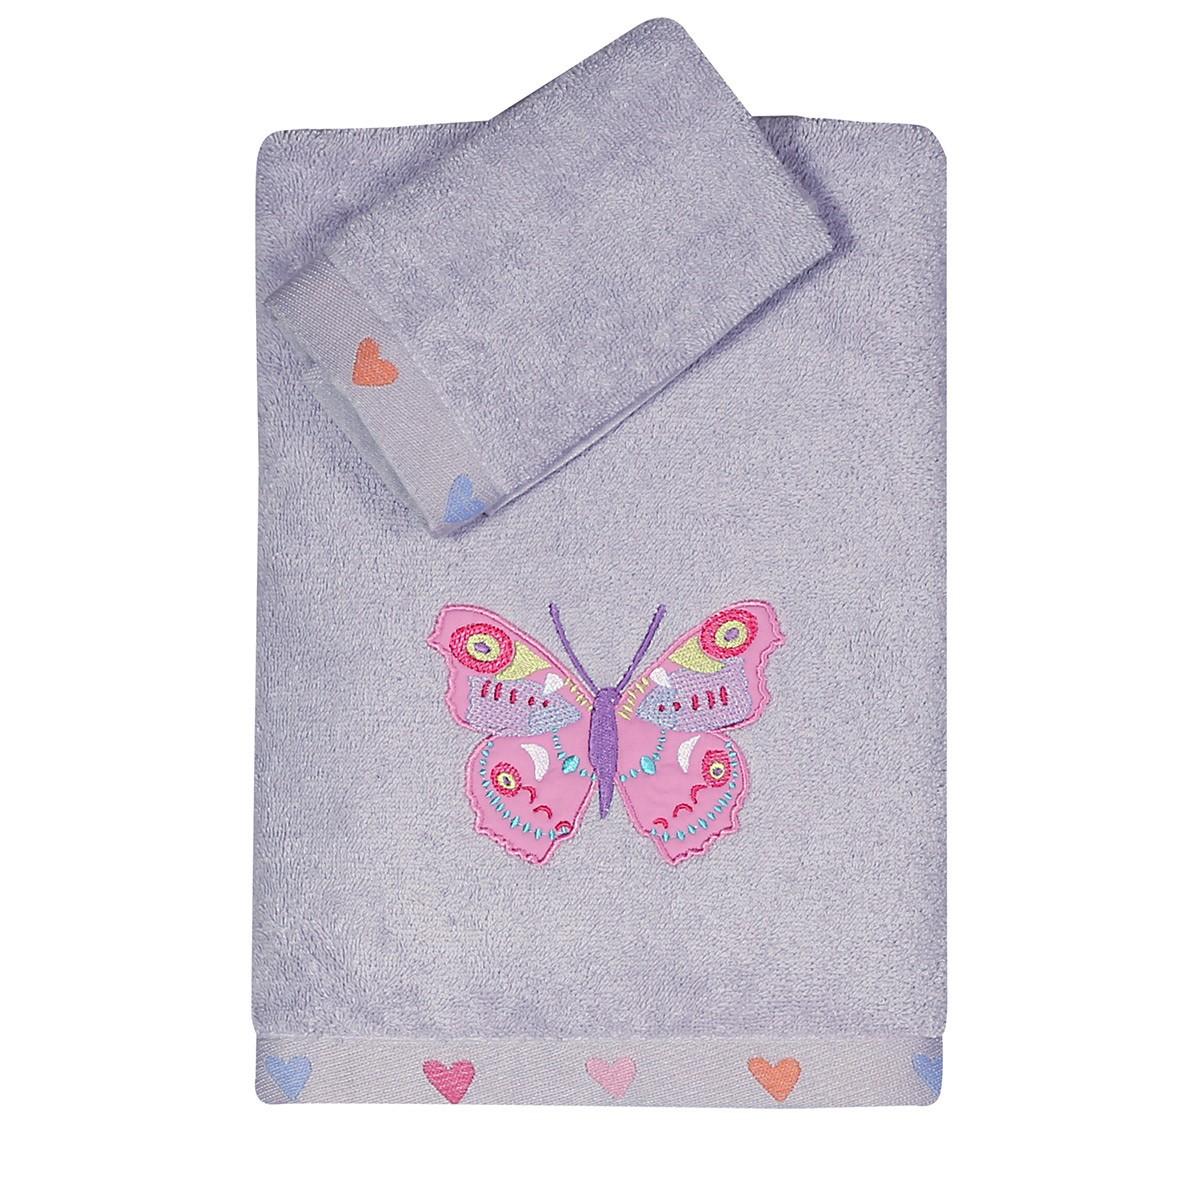 Παιδικές Πετσέτες (Σετ 2τμχ) Nef-Nef Kid Colour Butterflies